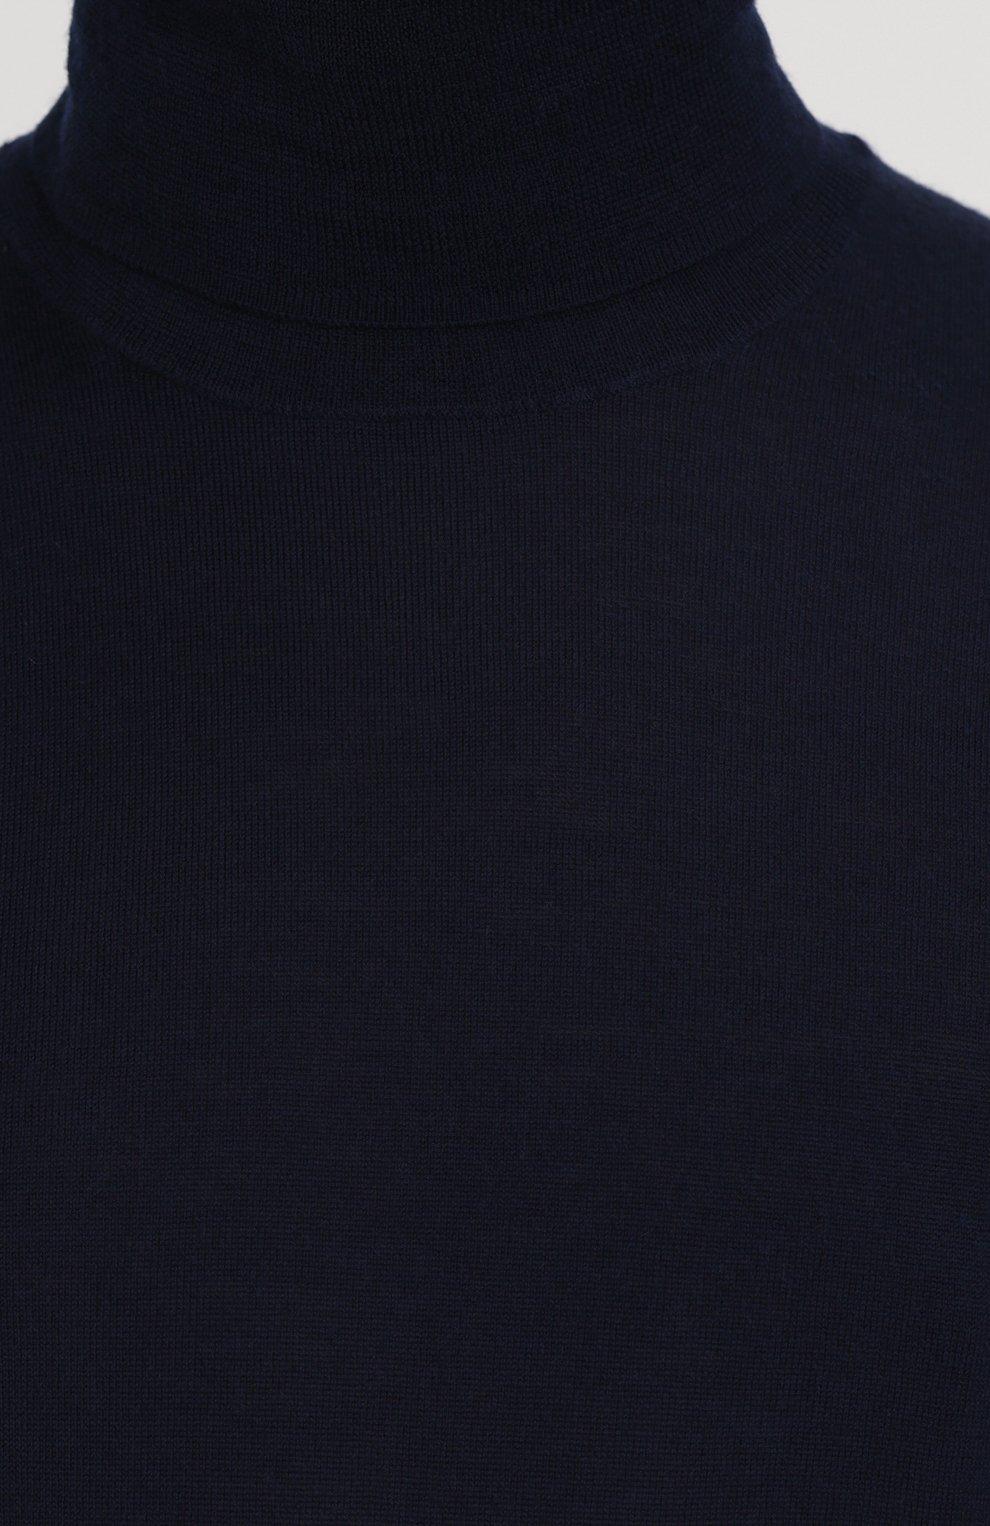 Шерстяная однотонная водолазка   Фото №5